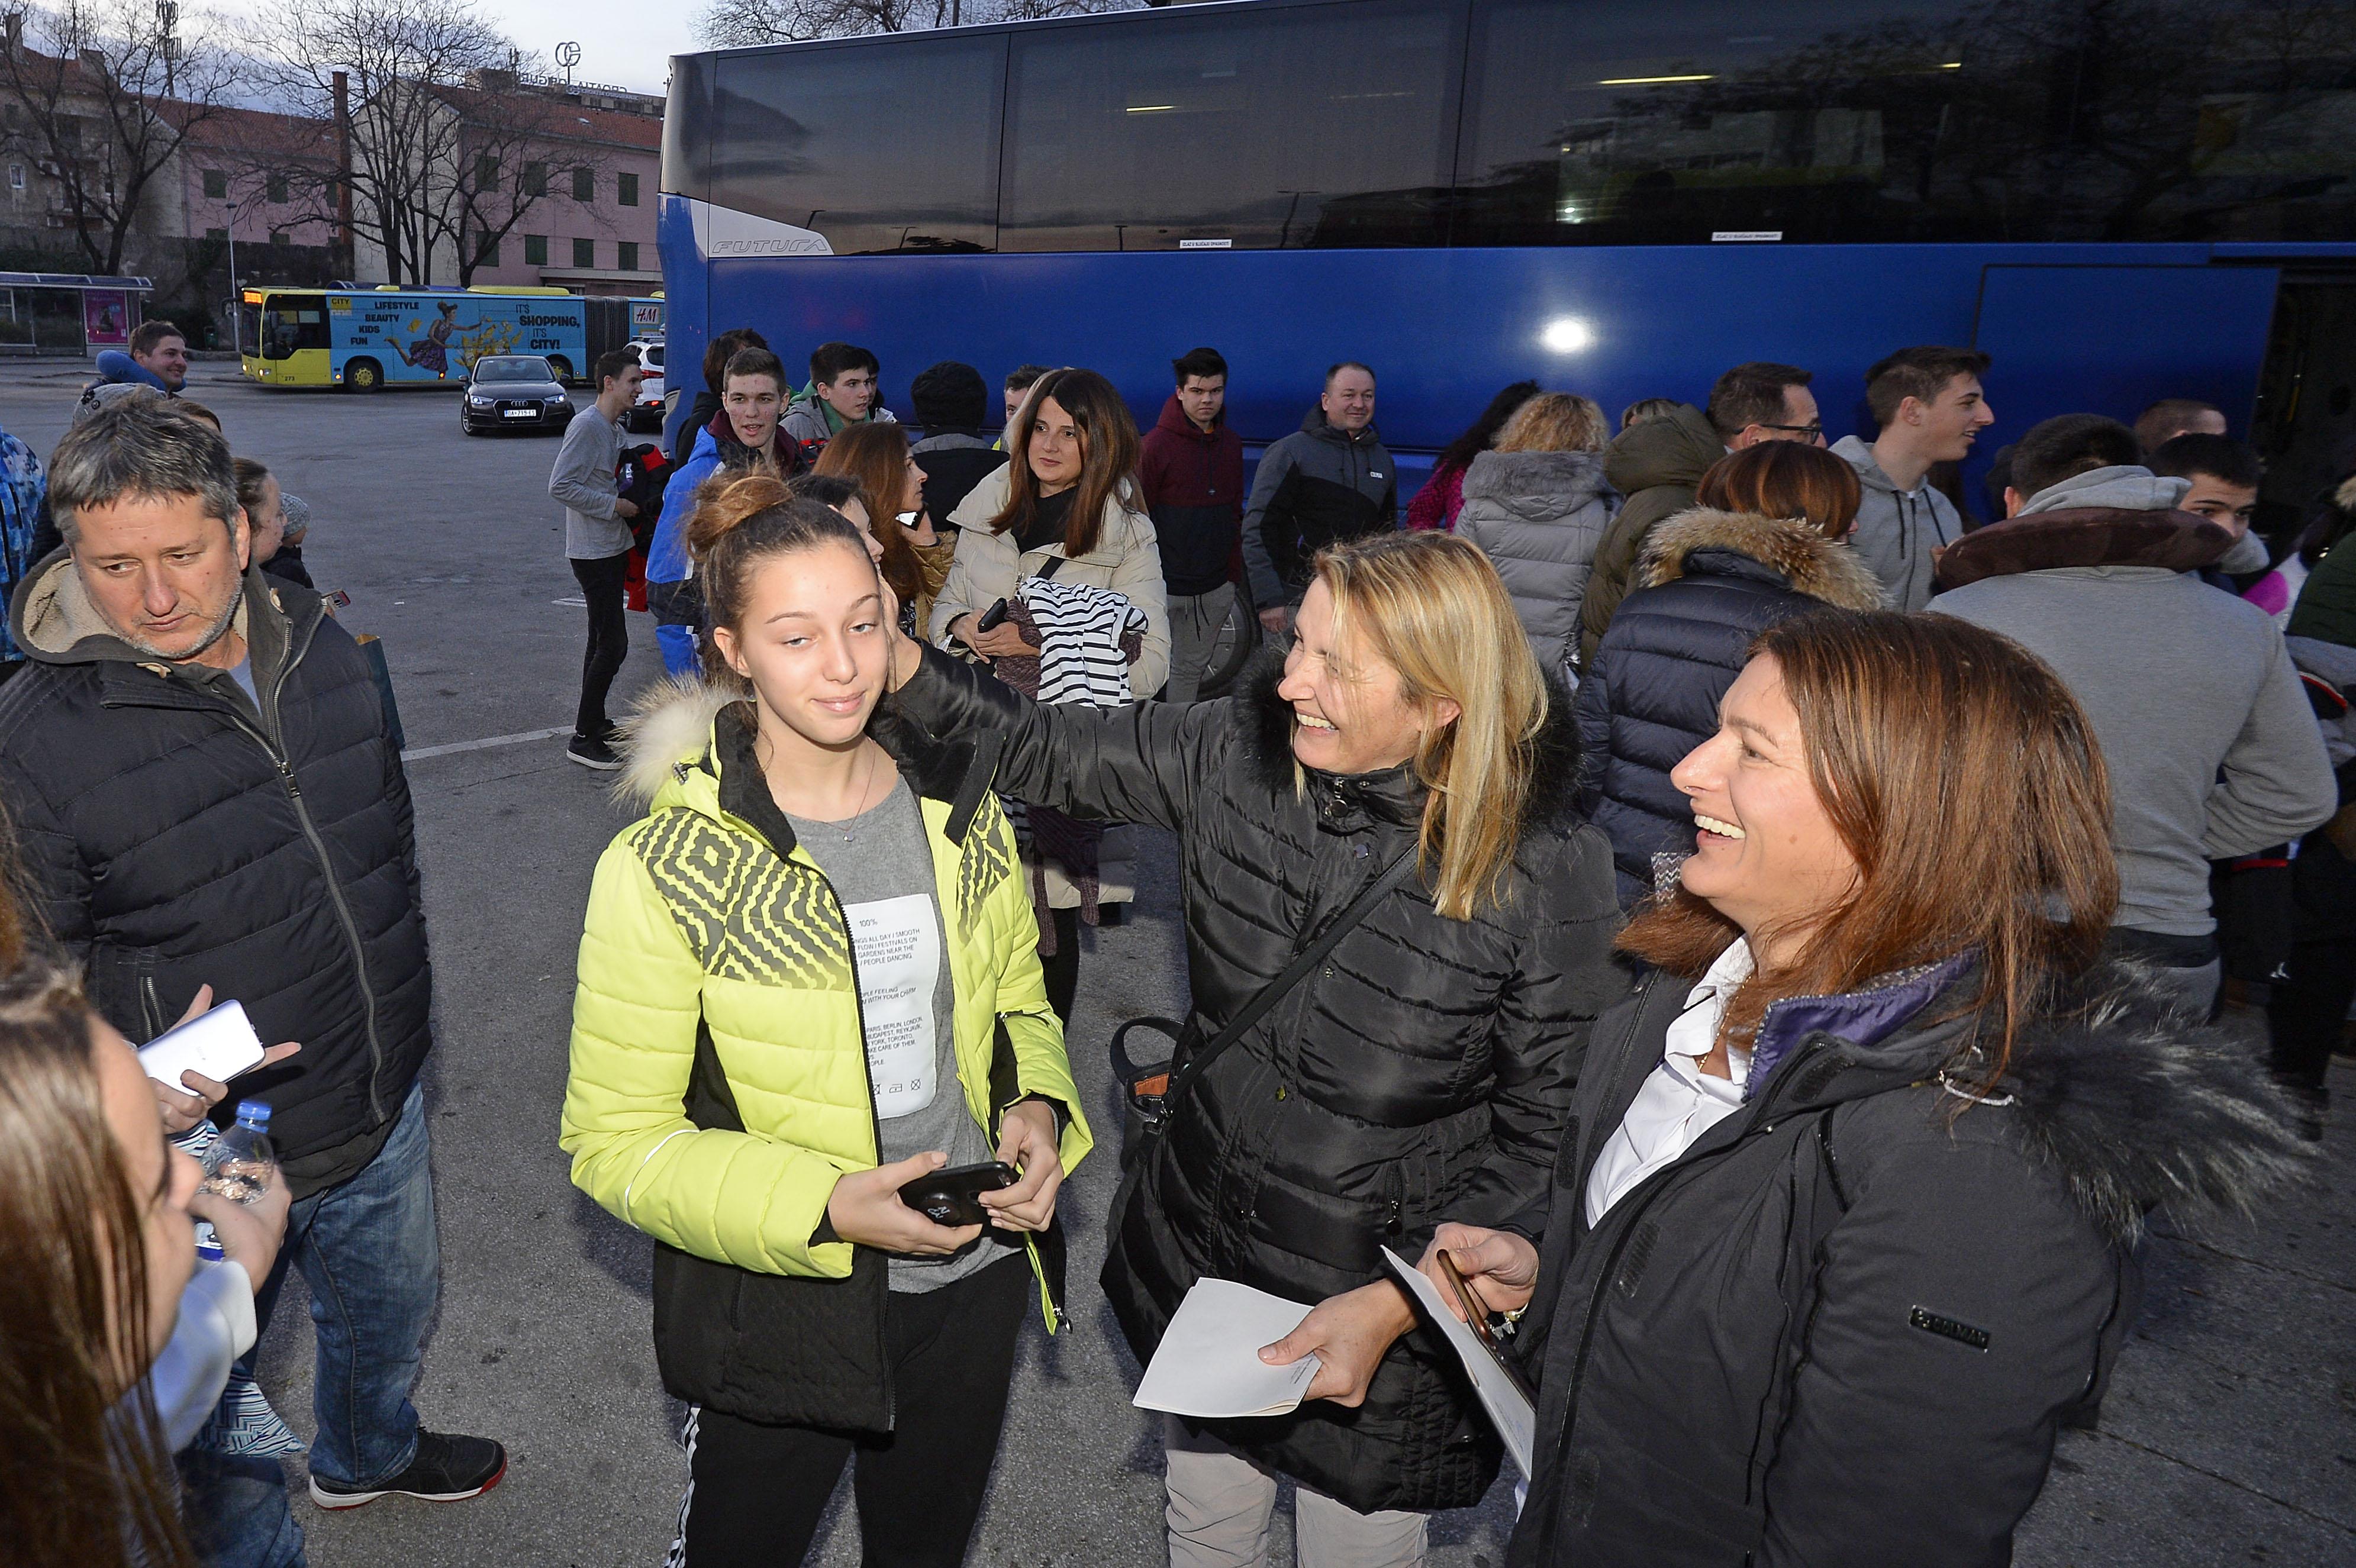 Splitski učenici kojima je u Švicarskoj izgorio autobus vratili se kući